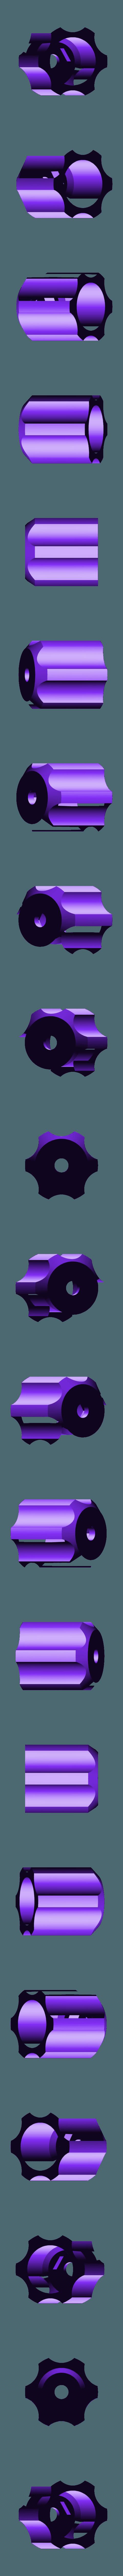 knop.stl Download free STL file PCB Vise – Soldering Station • 3D printing model, Job